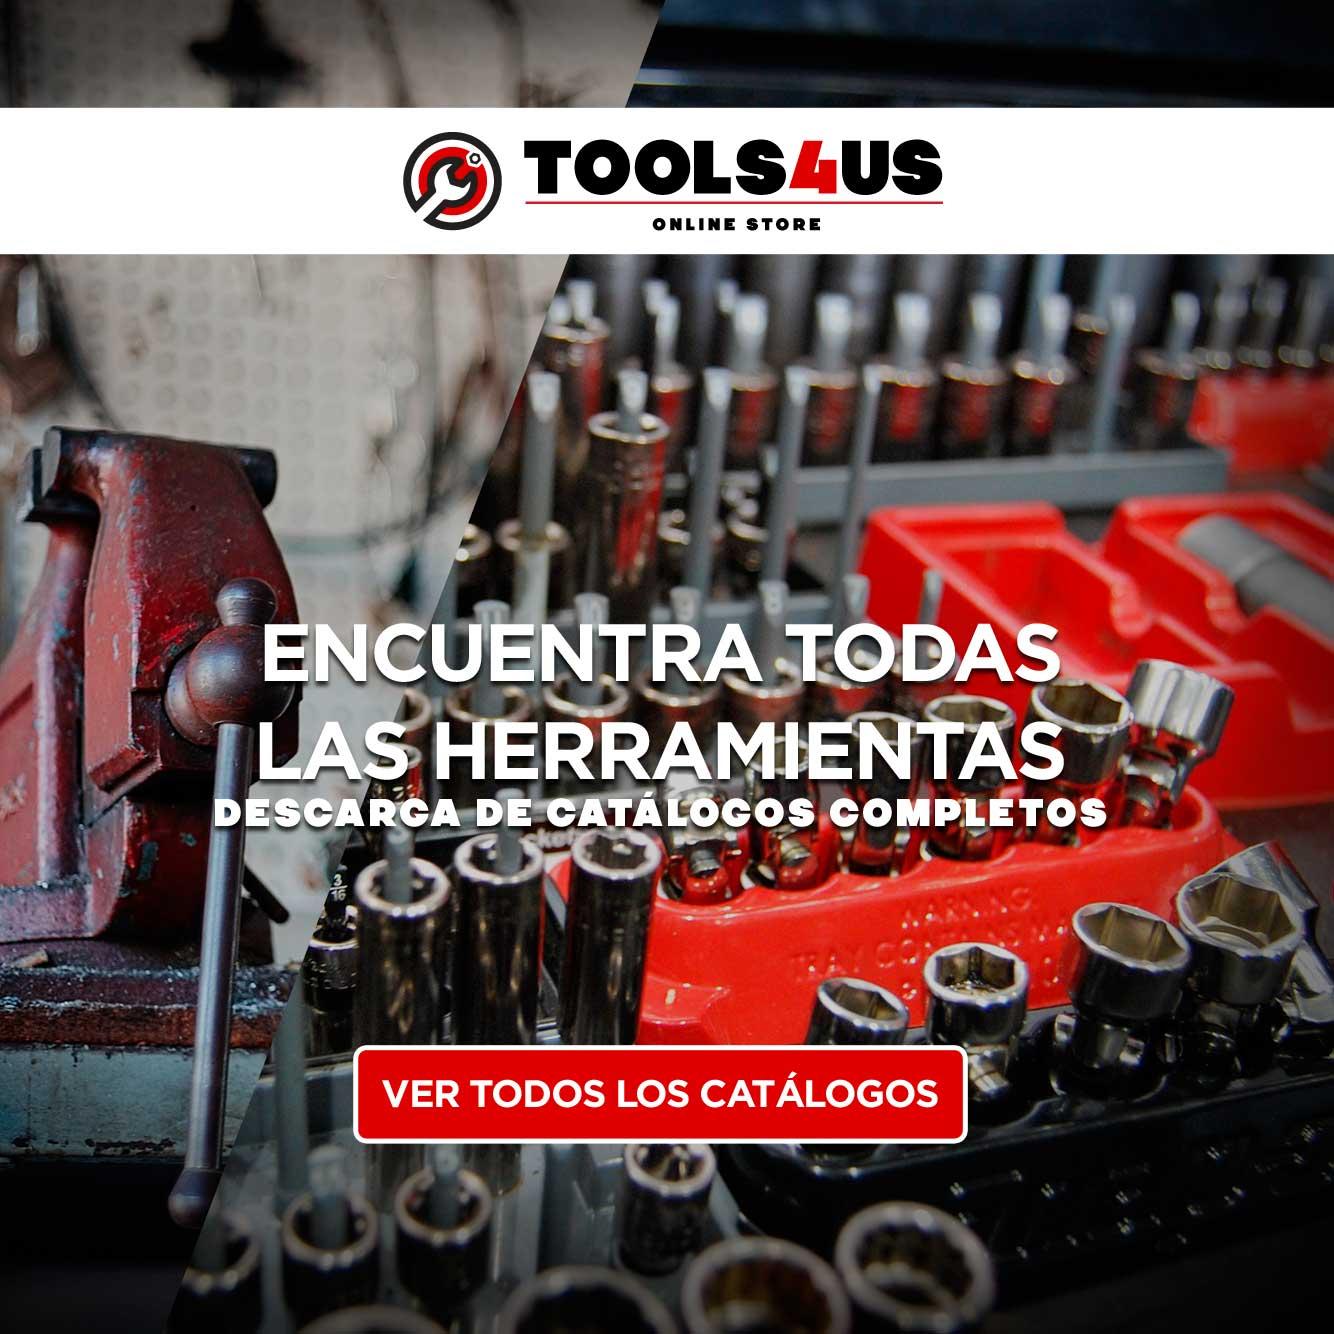 catálogos completos herramientas tools4us